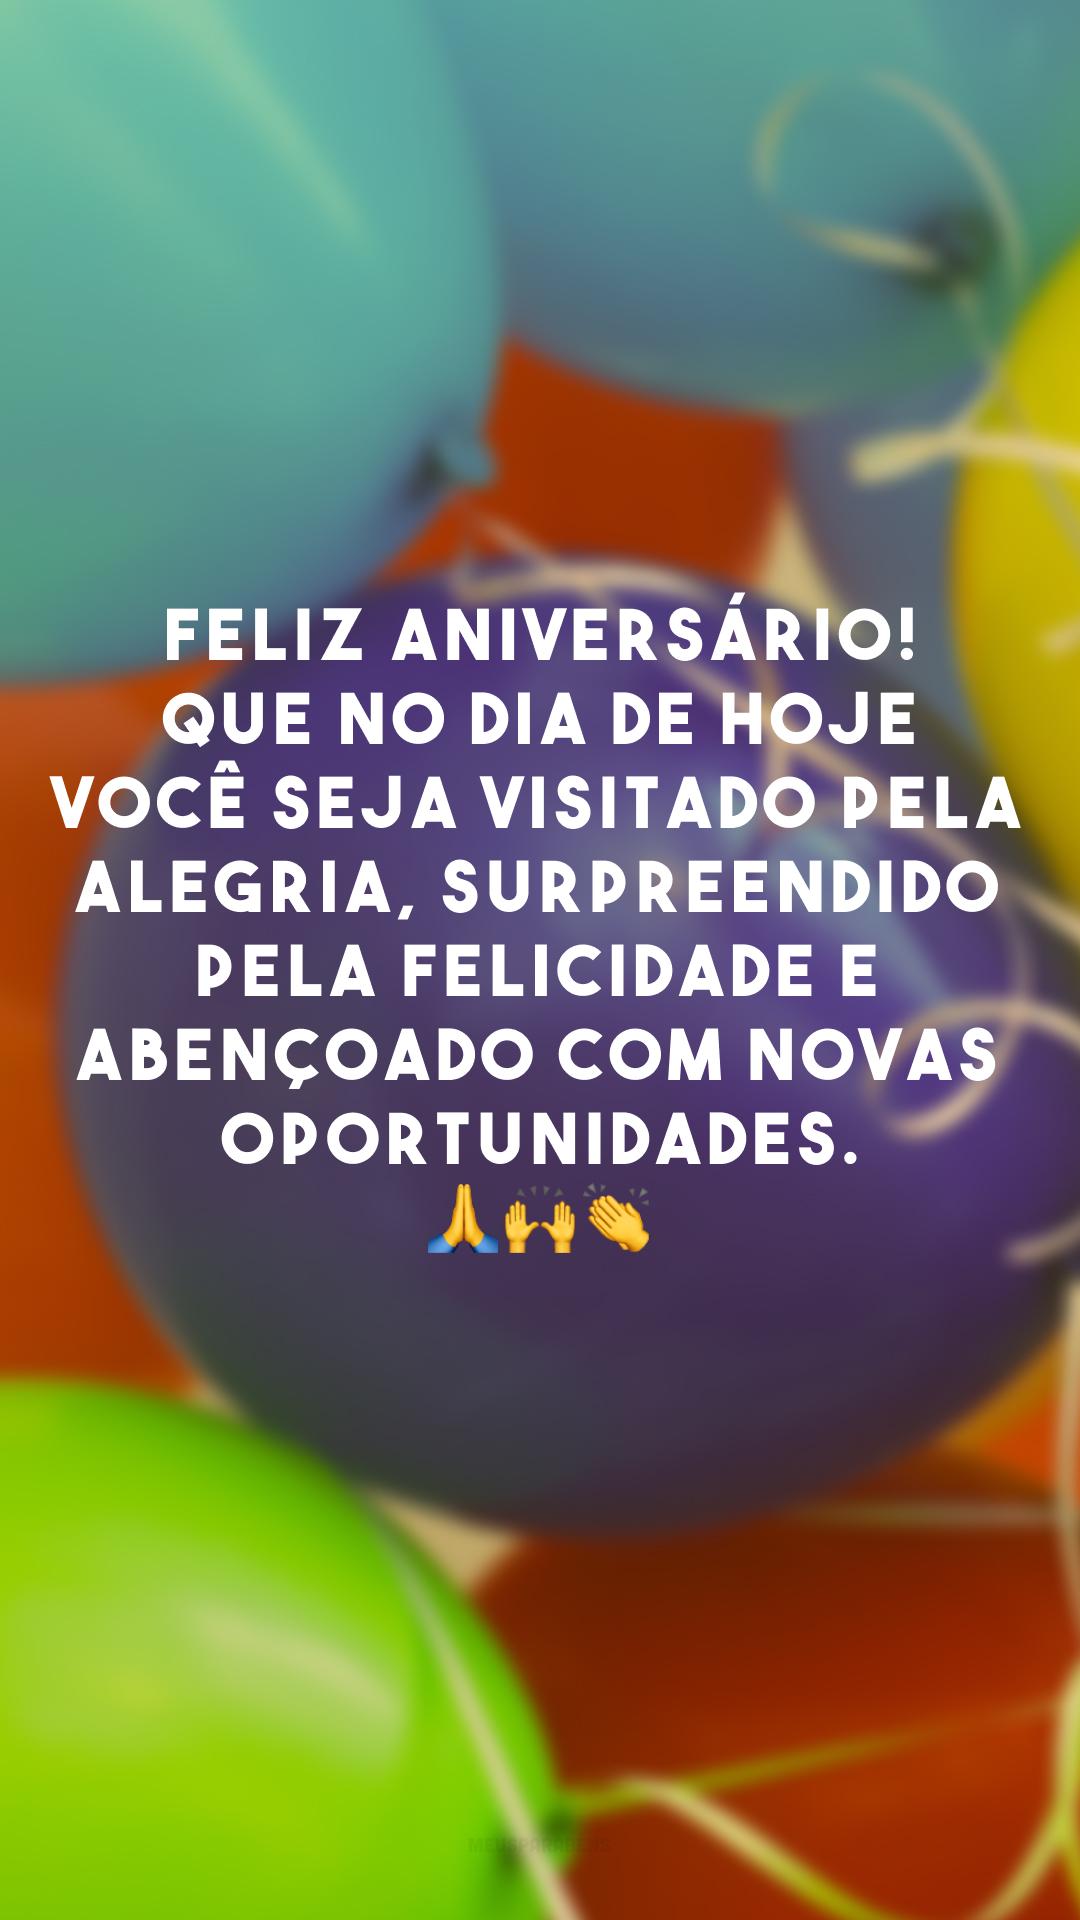 Feliz aniversário! Que no dia de hoje você seja visitado pela alegria, surpreendido pela felicidade e abençoado com novas oportunidades. 🙏 🙌 👏